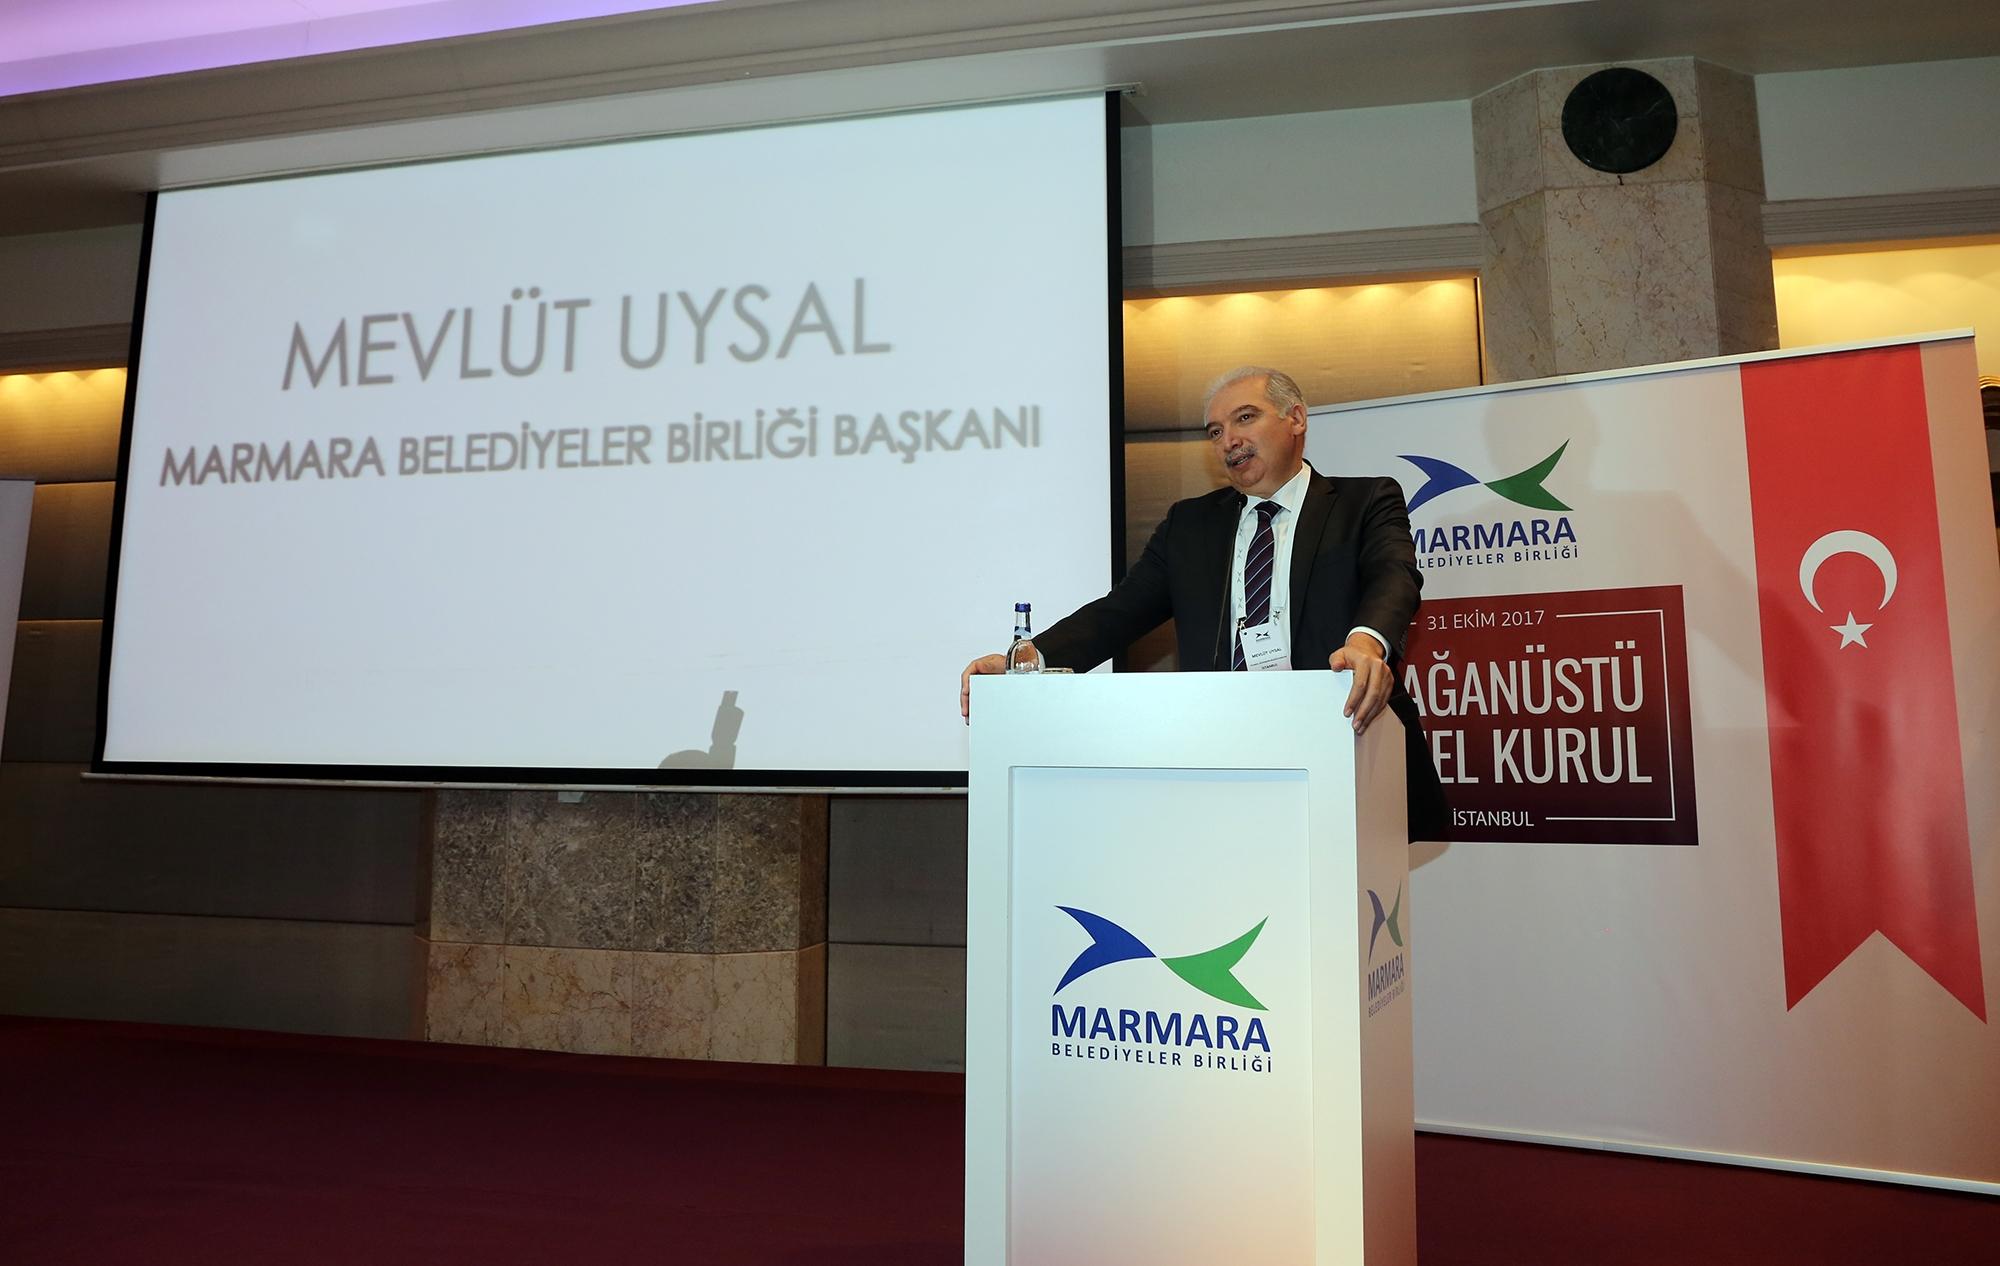 Marmara Belediyeler Birliği'nin Yeni Başkanı Mevlüt Uysal